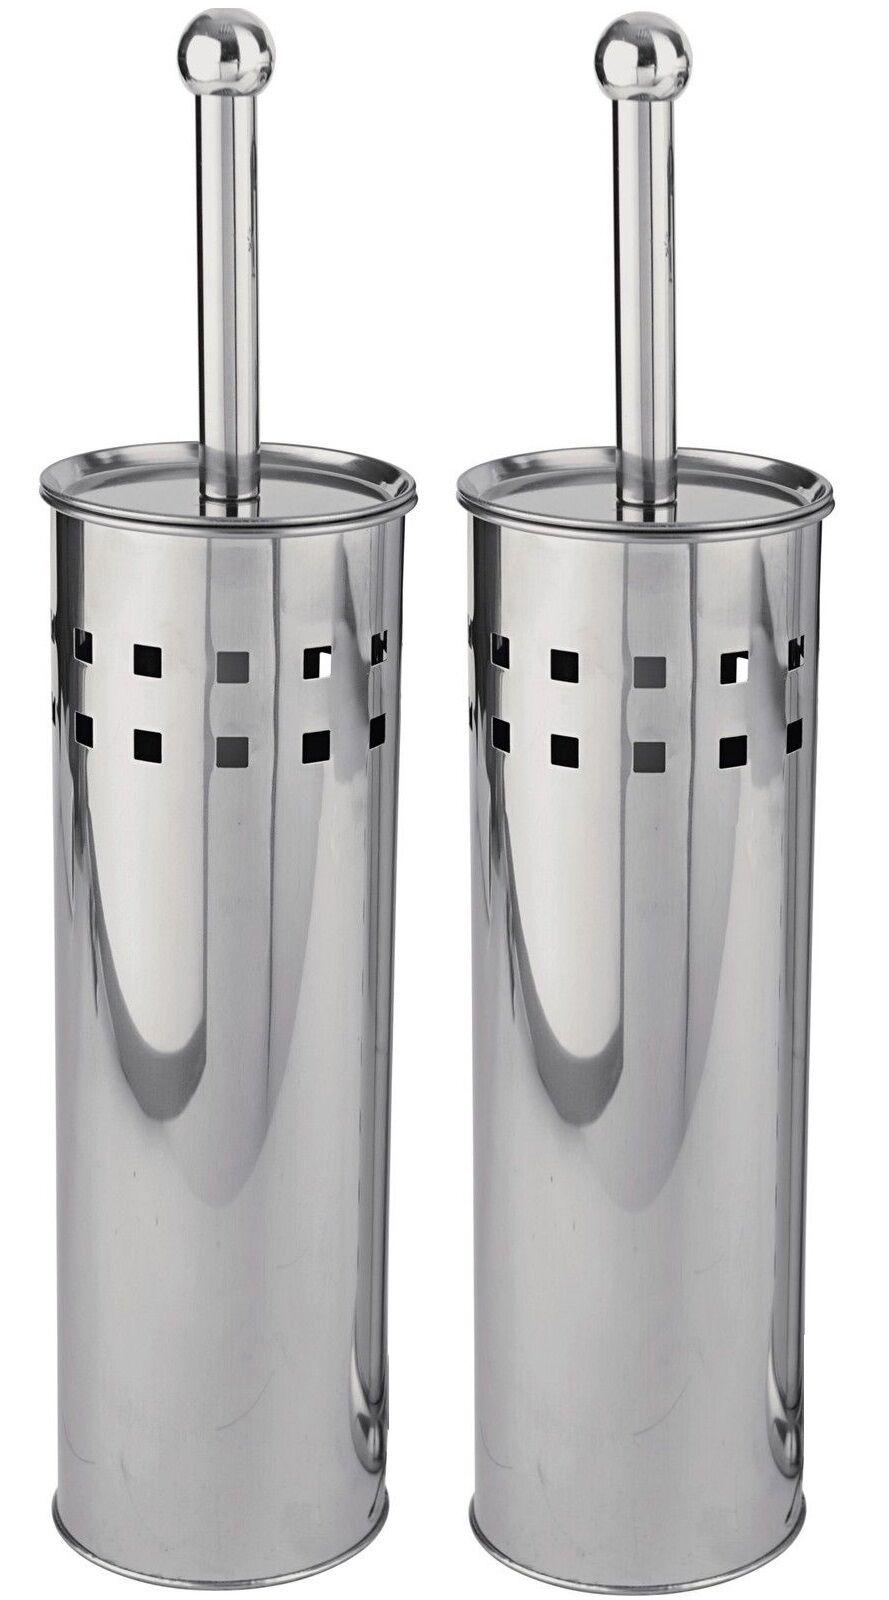 2 X Stainless Steel Chrome Plated Bathroom Toilet Brush & Holder Set